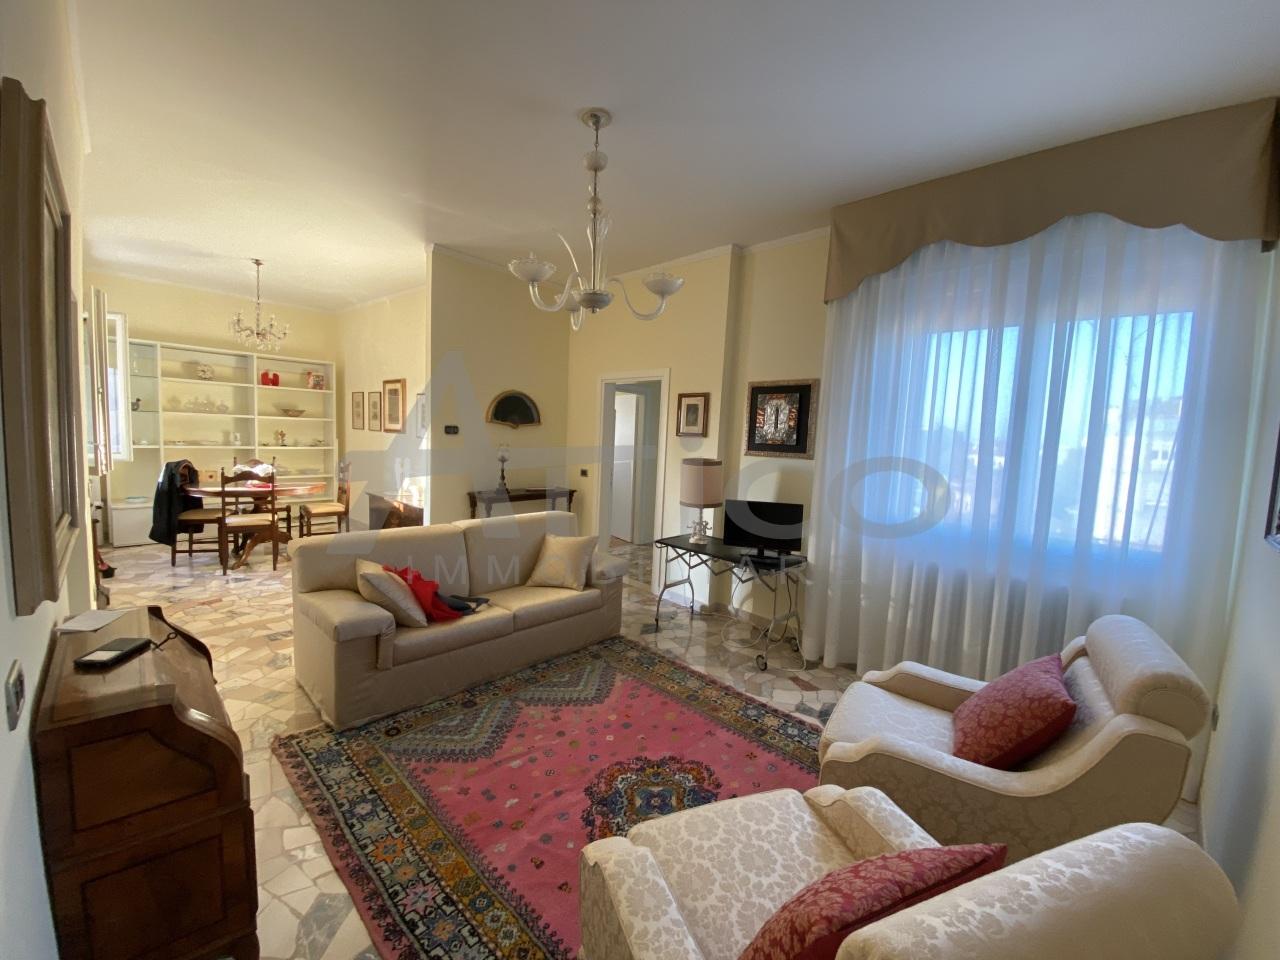 Appartamento in vendita a Rovigo, 5 locali, prezzo € 75.000 | PortaleAgenzieImmobiliari.it